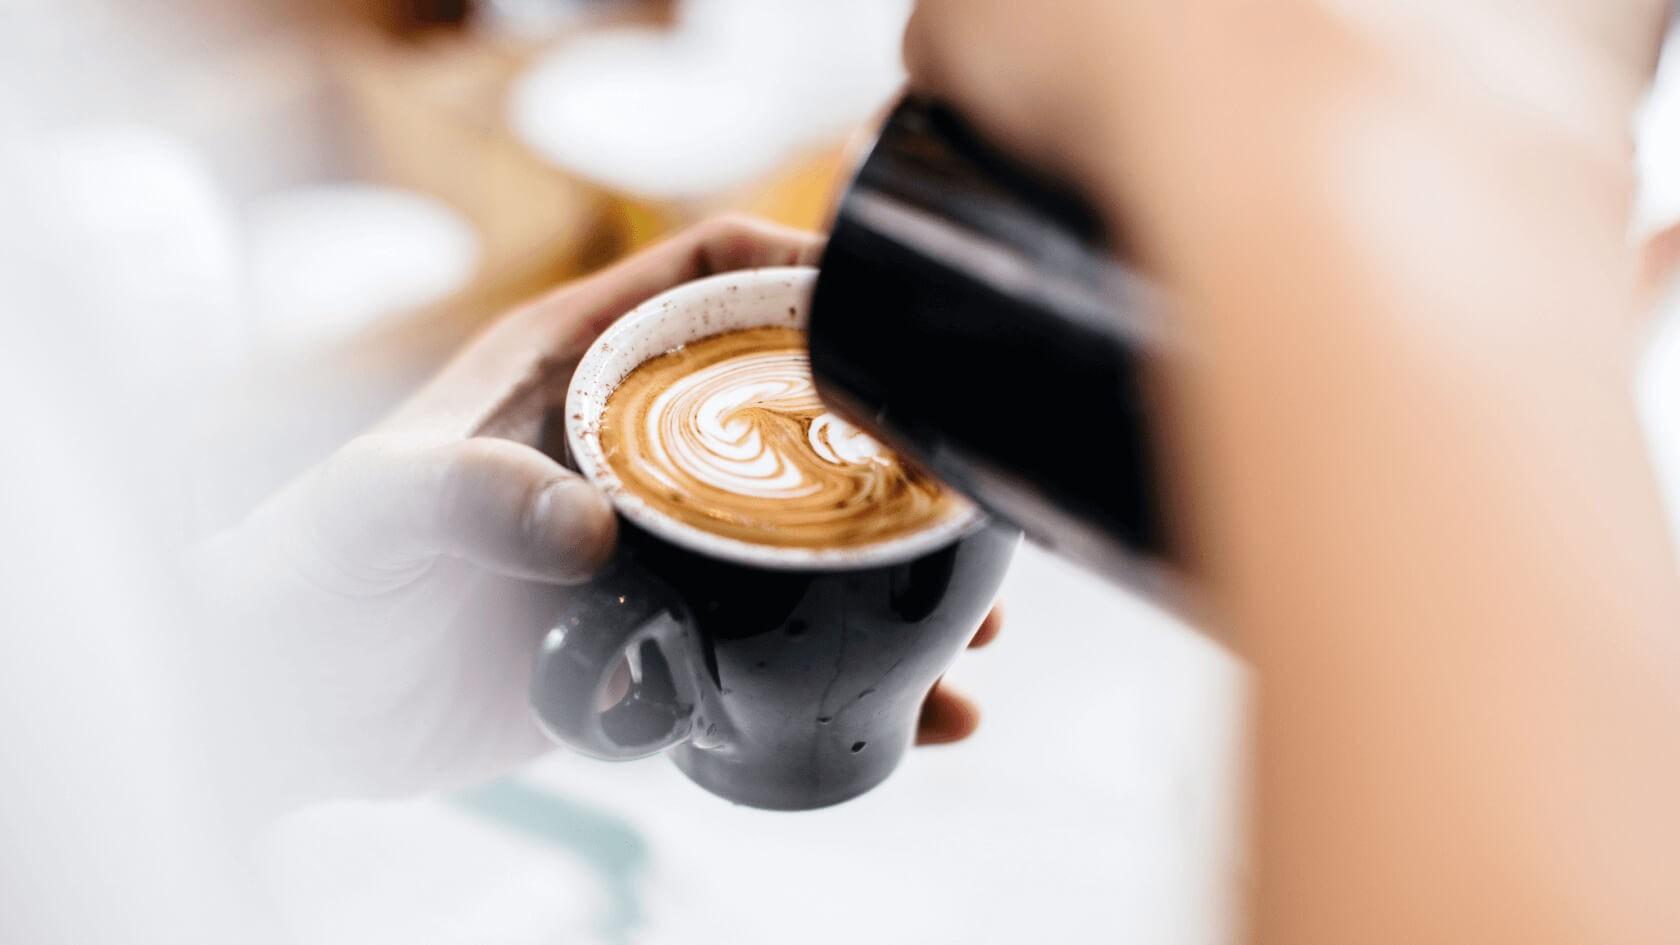 Auf einem Cappuccino beziehungsweise Kaffee wird mit Milchschaum ein Muster kreiert.